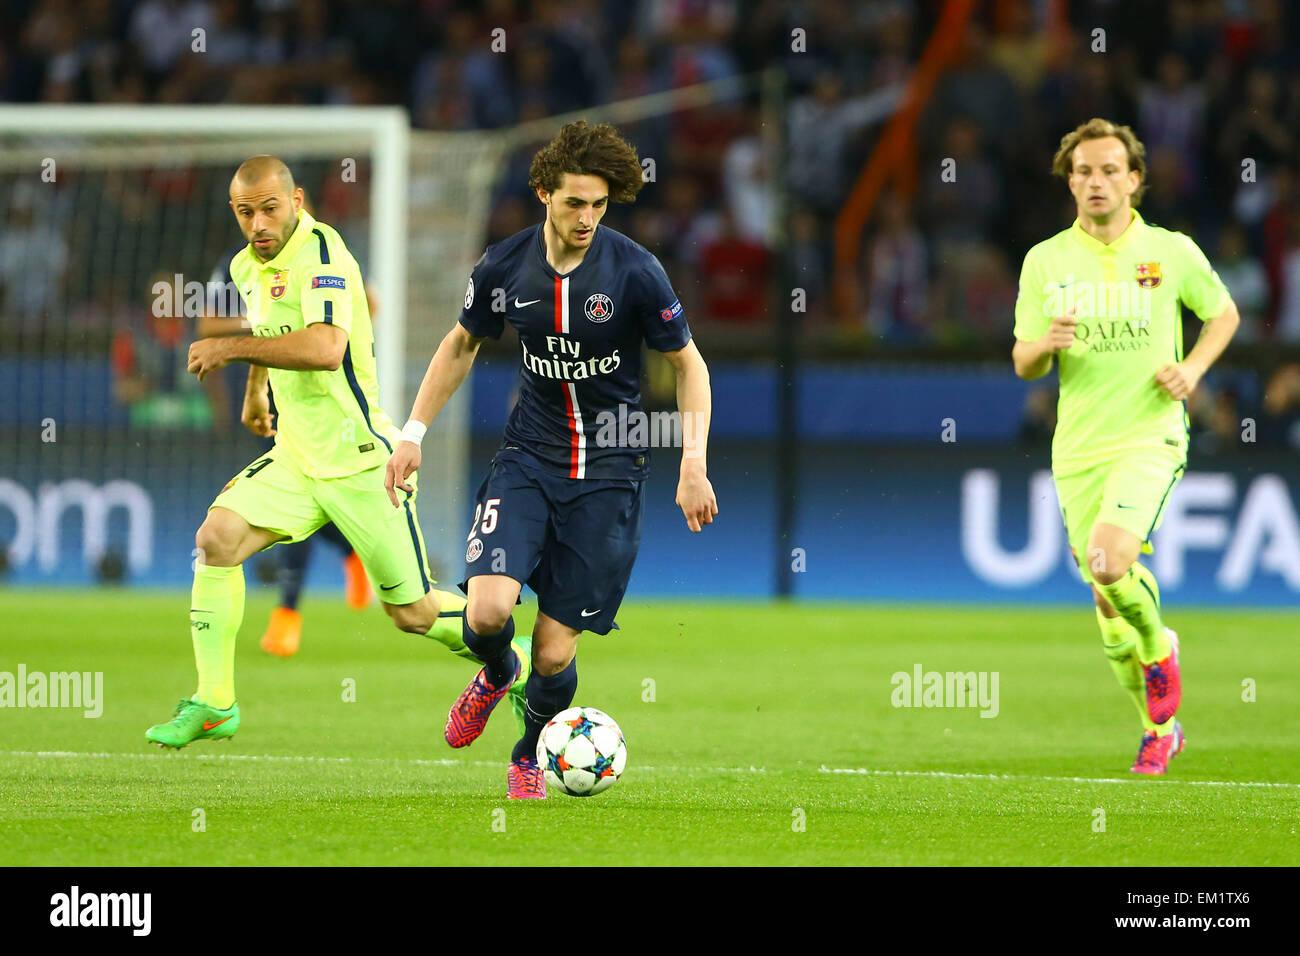 París, Francia. 15 abr, 2015. La UEFA Champions League. Los cuartos ...